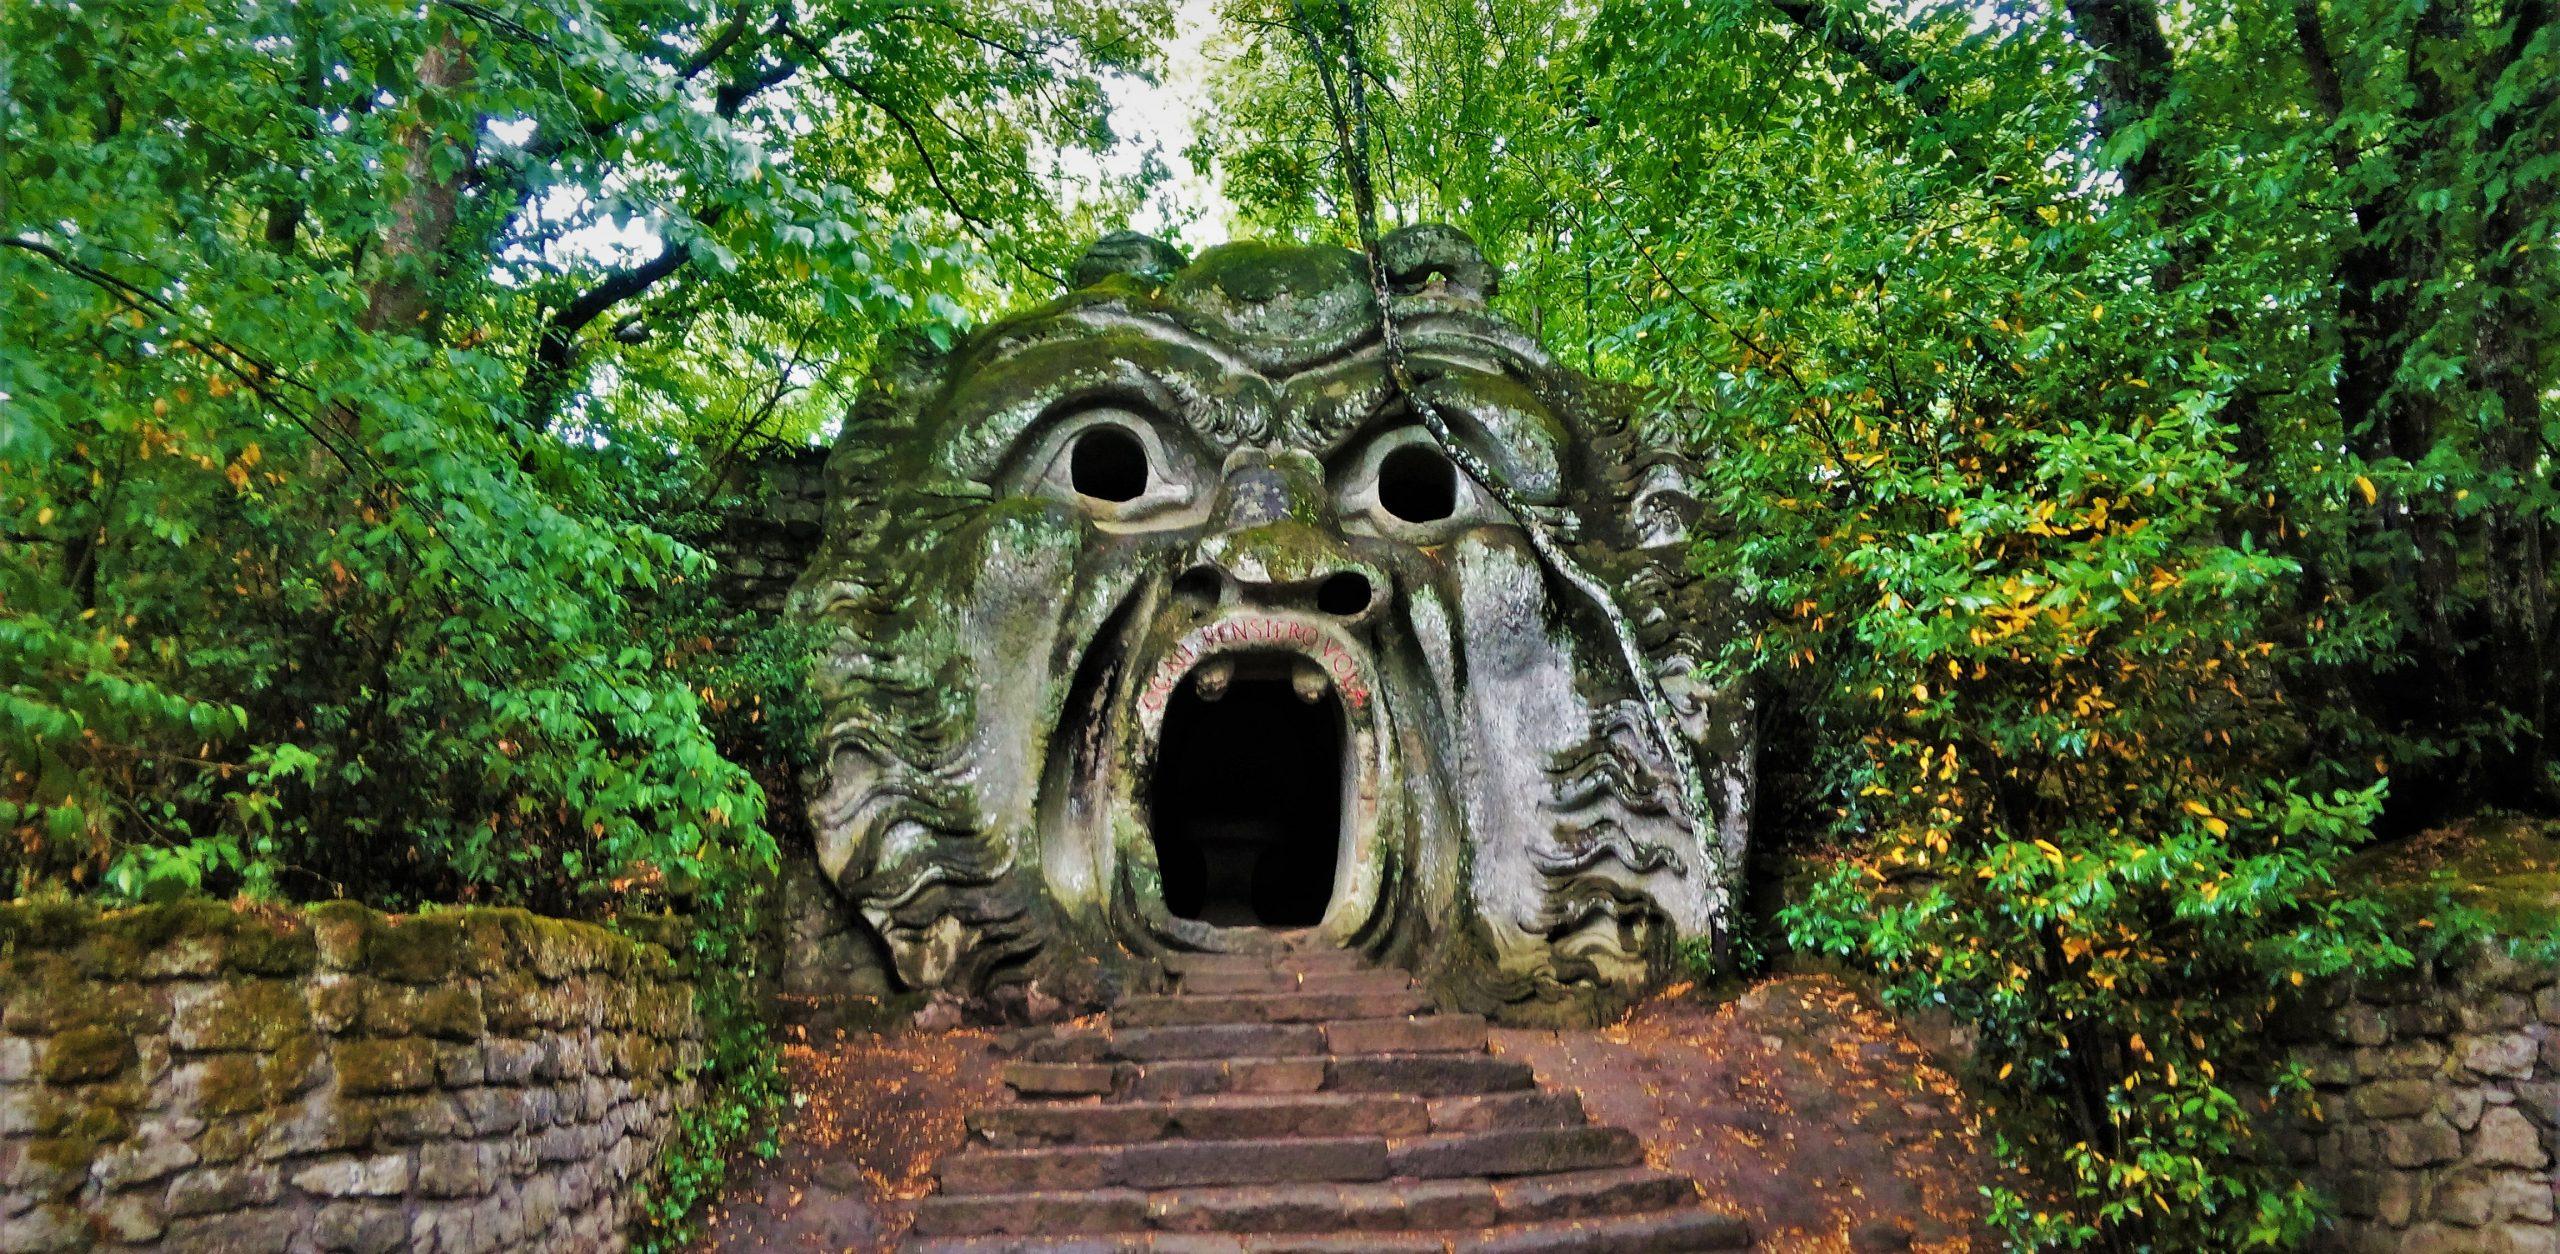 Bomarzo, la fiaba grottesca del parco dei mostri